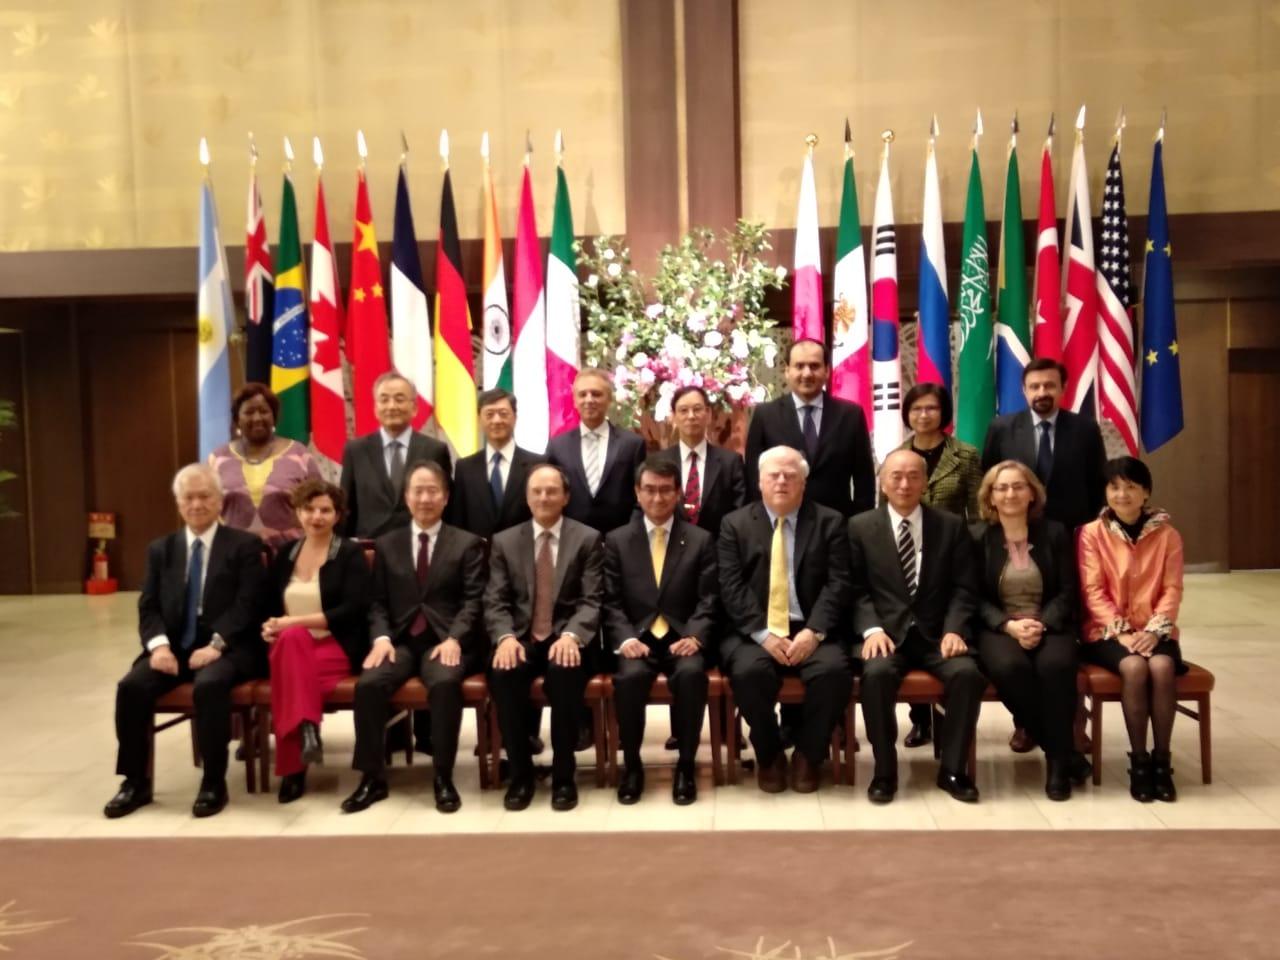 Representantes de CIPPEC en la Conferencia de Lanzamiento del T20 Japón junto a otras autoridades presentes